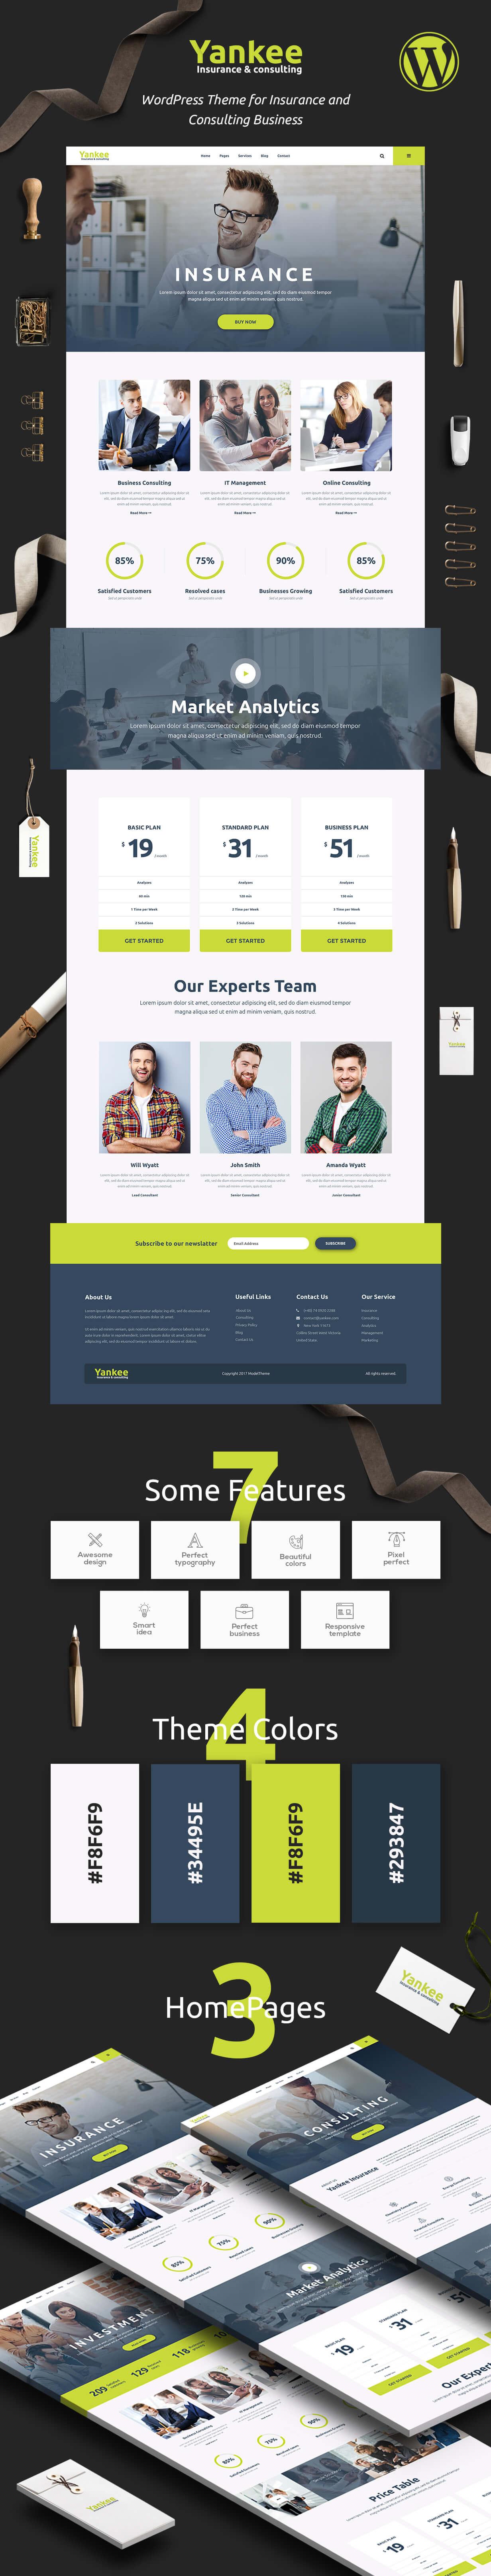 Yankee - Insurance & Consulting WordPress Theme - 2